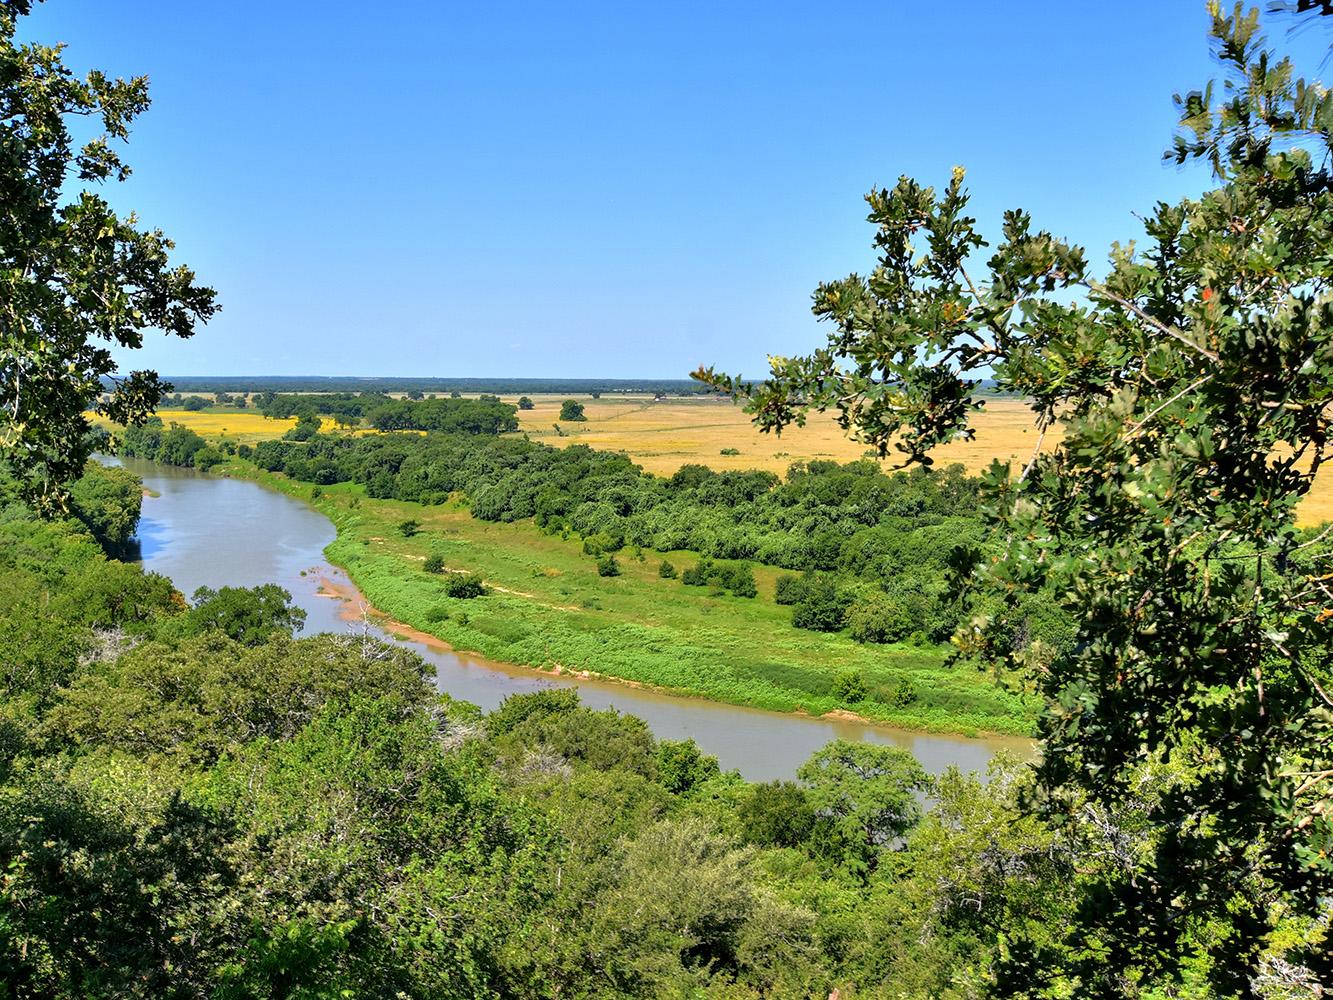 Colorado River Bastrop County